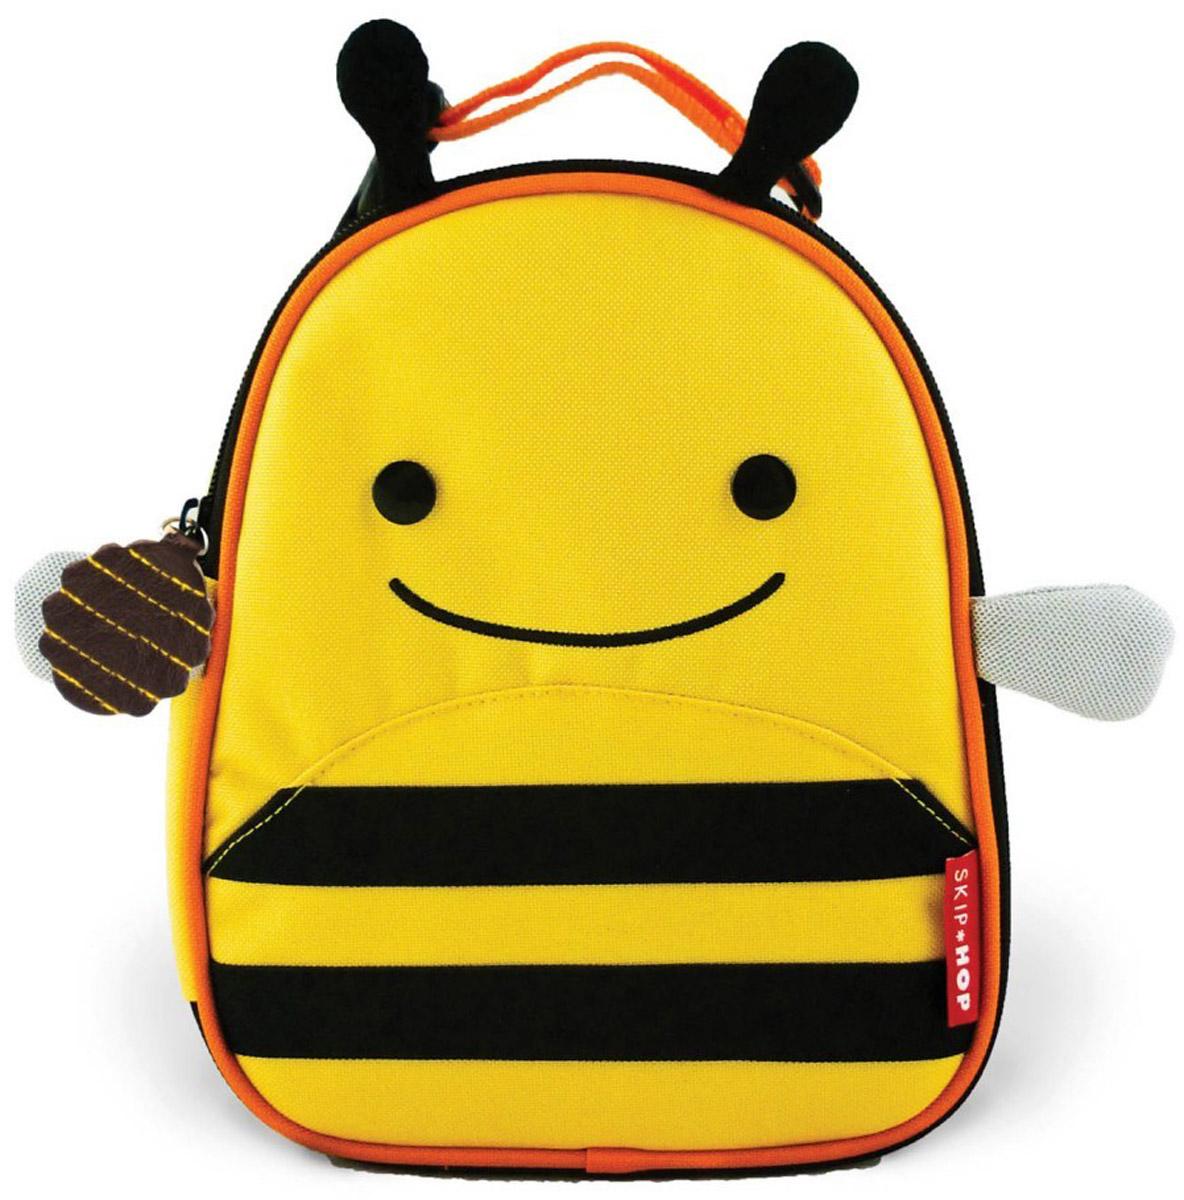 """Превосходный ланч-бокс Skip Hop """"Пчелка"""" отлично сохранит свежесть и вкус продуктов для вашего ребёнка. Сумка с одним отделением изготовлена из прочного текстиля. Лицевая сторона декорирована изображением улыбающейся пчелки с крылышками и торчащими усиками-рожками. Внутренняя поверхность отделана термоизоляционным материалом, благодаря которому продукты дольше остаются свежими. Изделие закрывается на пластиковую застежку-молнию с удобным держателем на бегунке. Внутри имеется сетчатый карман для хранения аксессуаров и текстильная нашивка для записи имени владельца сумки. Ланч-бокс дополнен удобной текстильной ручкой с регулируемой длиной и пластиковым карабином. Такая сумка ланч-бокс пригодится везде: на прогулке, во время учебы, на отдыхе, во время путешествий."""